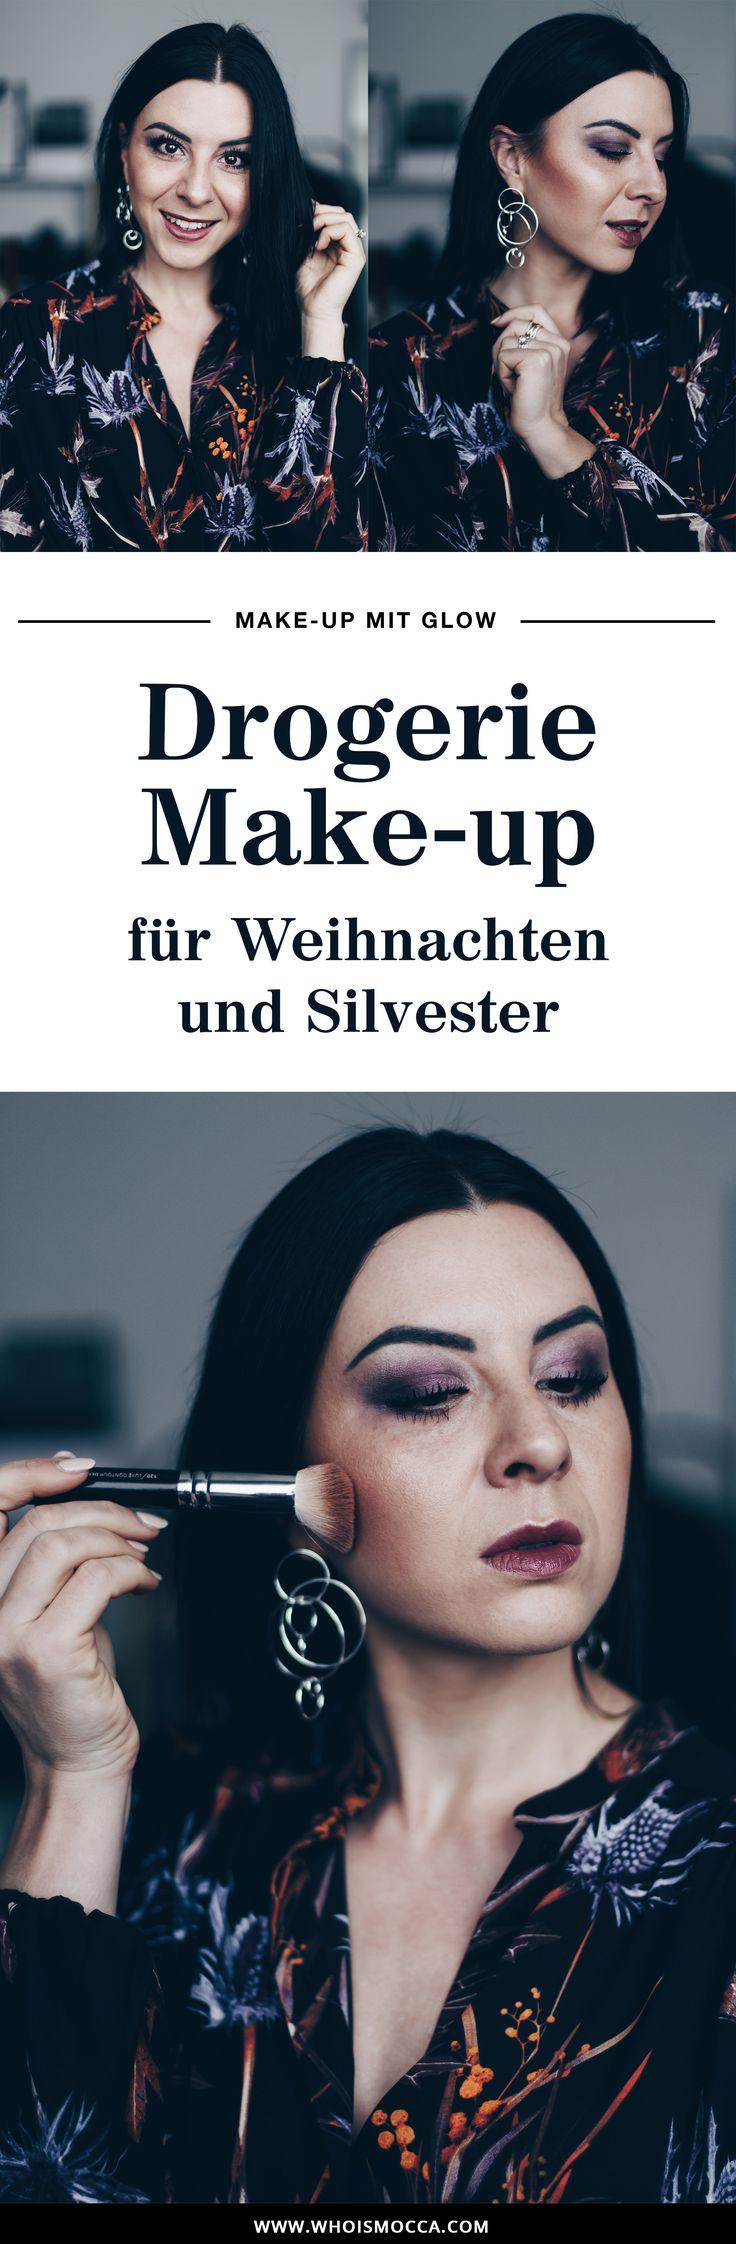 festliches Drogerie Make-up mit Glow für Weinachten und Silvester, Make-up für Feiertage, perfektes Make-up, Beauty Blog, Produkttest, Catrice, Essence, L.O.V. Makeup, www.whoismocca.com